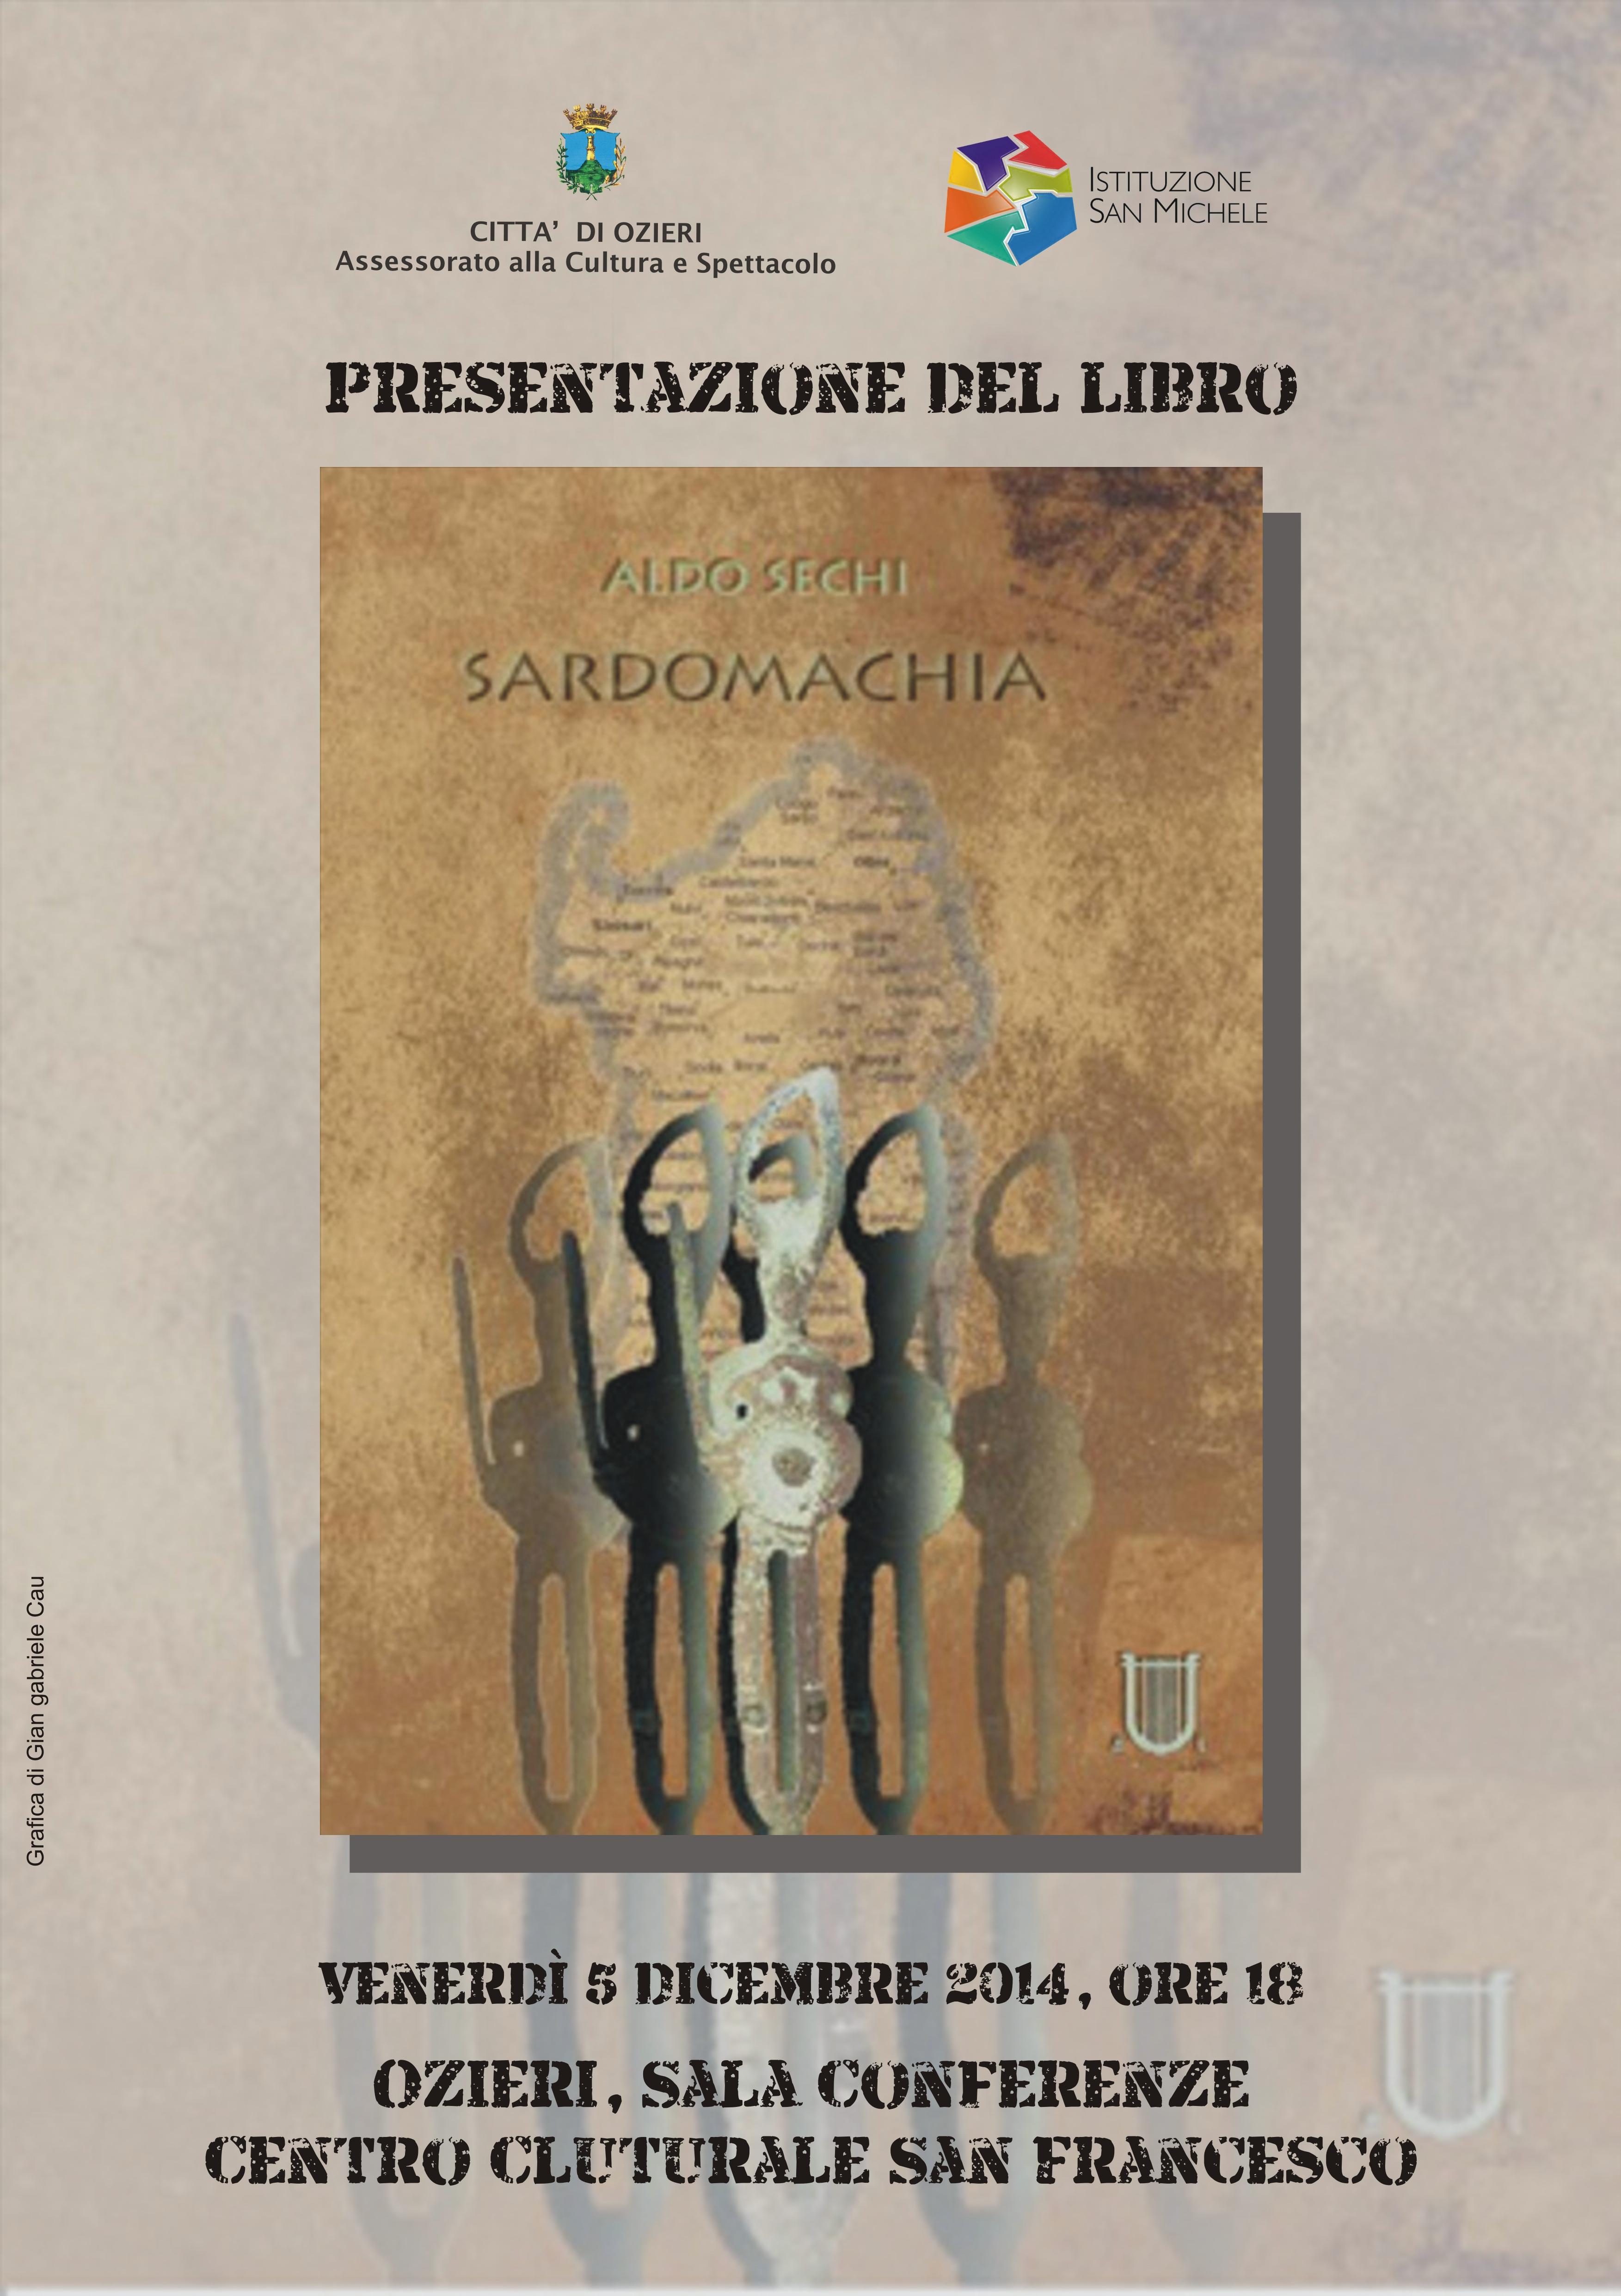 """Ozieri presentazione del libro di Aldo Sechi """"Sardomachia"""" in programma il 5 dicembre alle ore 18.00 presso la sala conferenze del centro culturale San Francesco."""